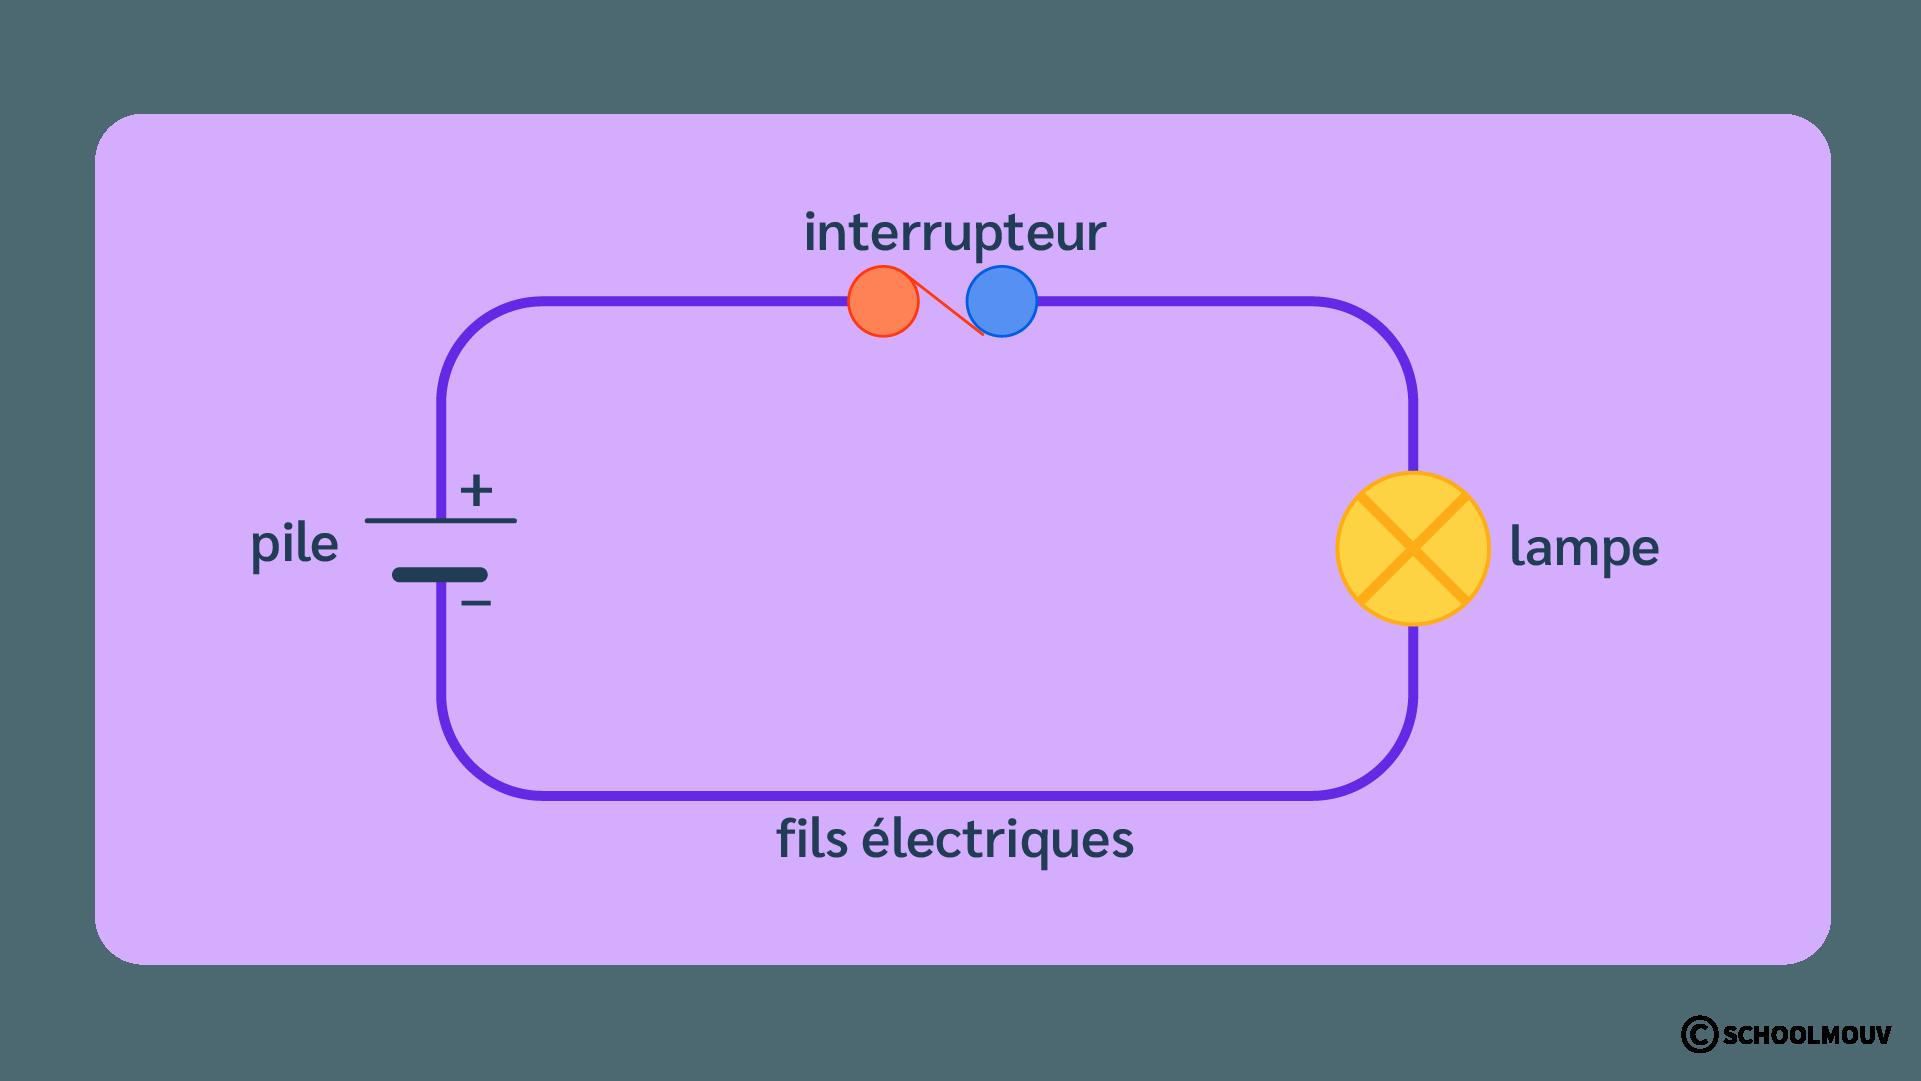 Schéma - Circuit électrique - Lampe - Pile - Interrupteur - SchoolMouv - Sciences - CP